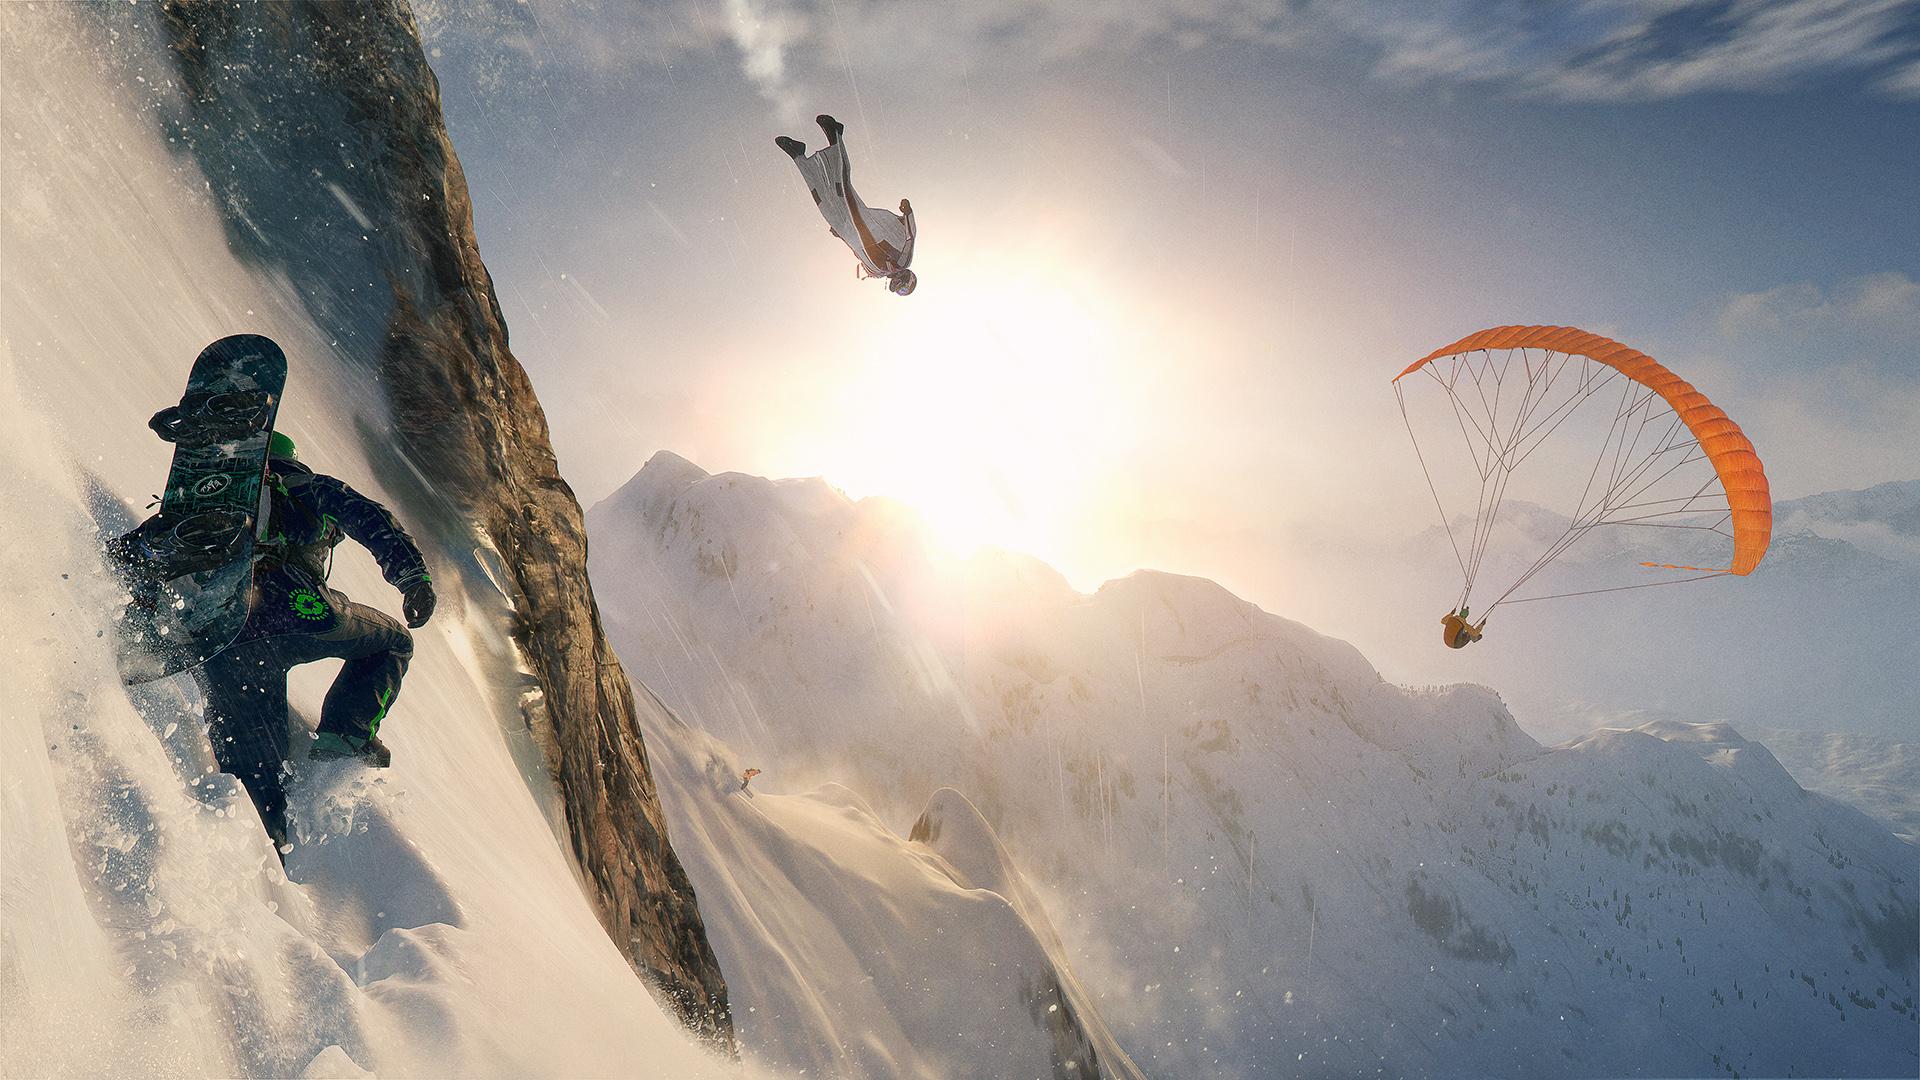 Riesgo extremo en la montaña con Steep